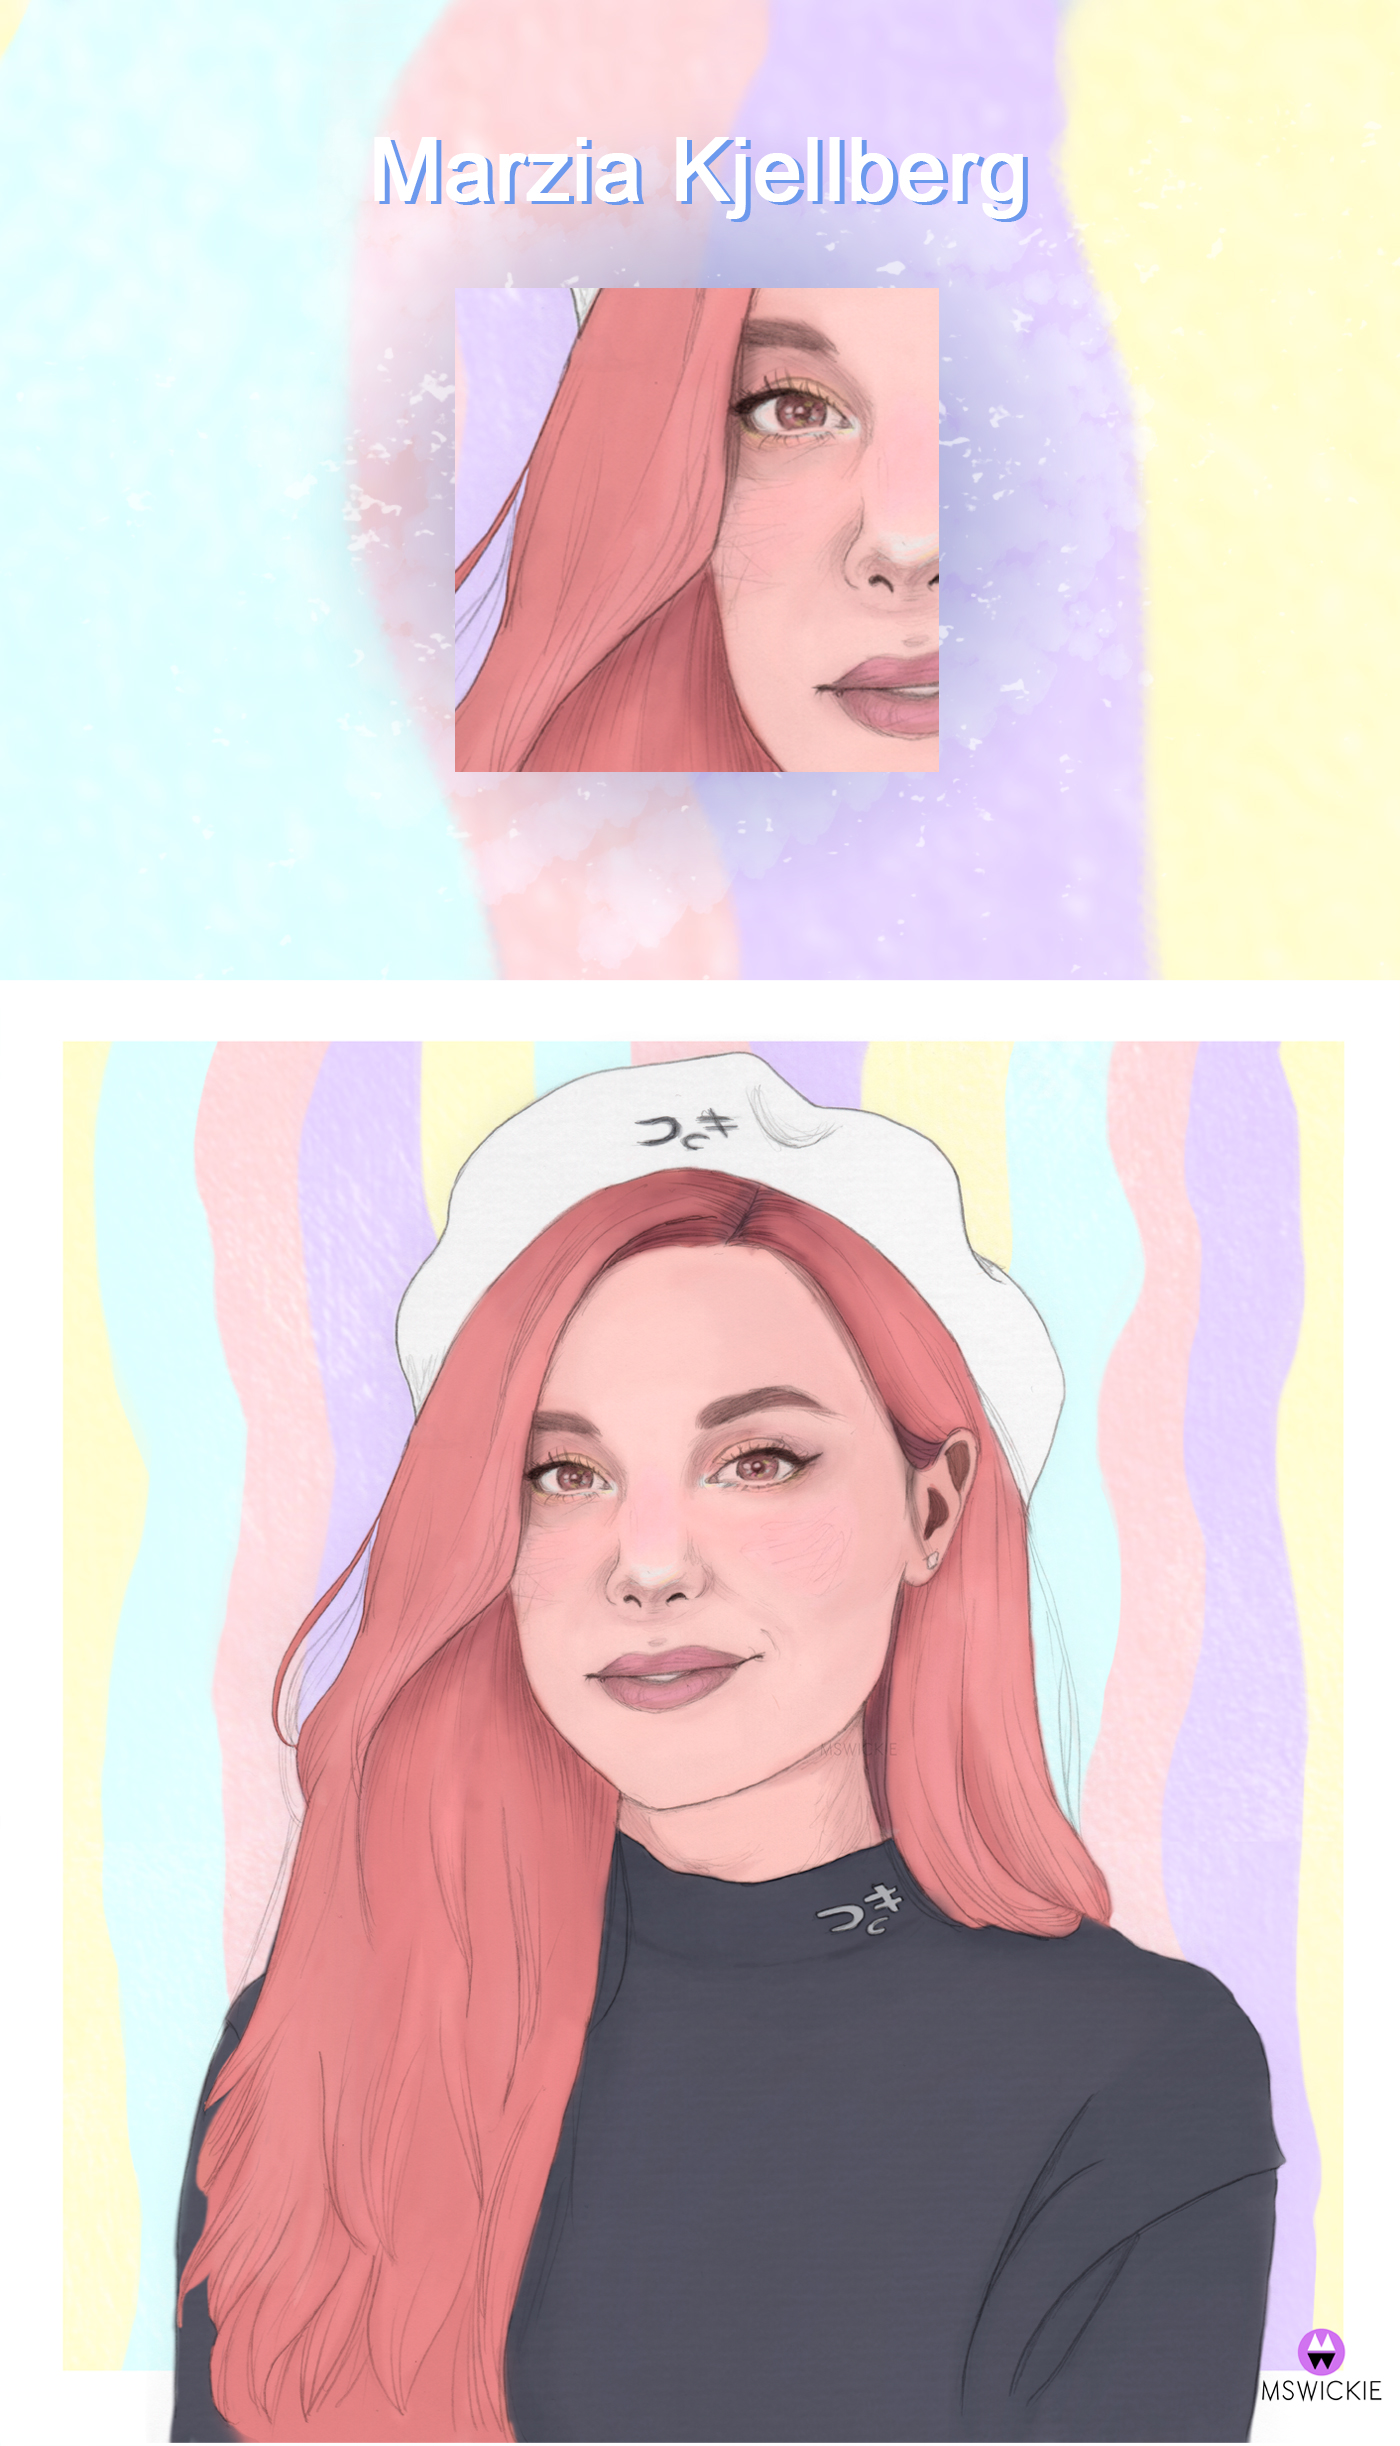 Marzia Kjellberg Portrait Process